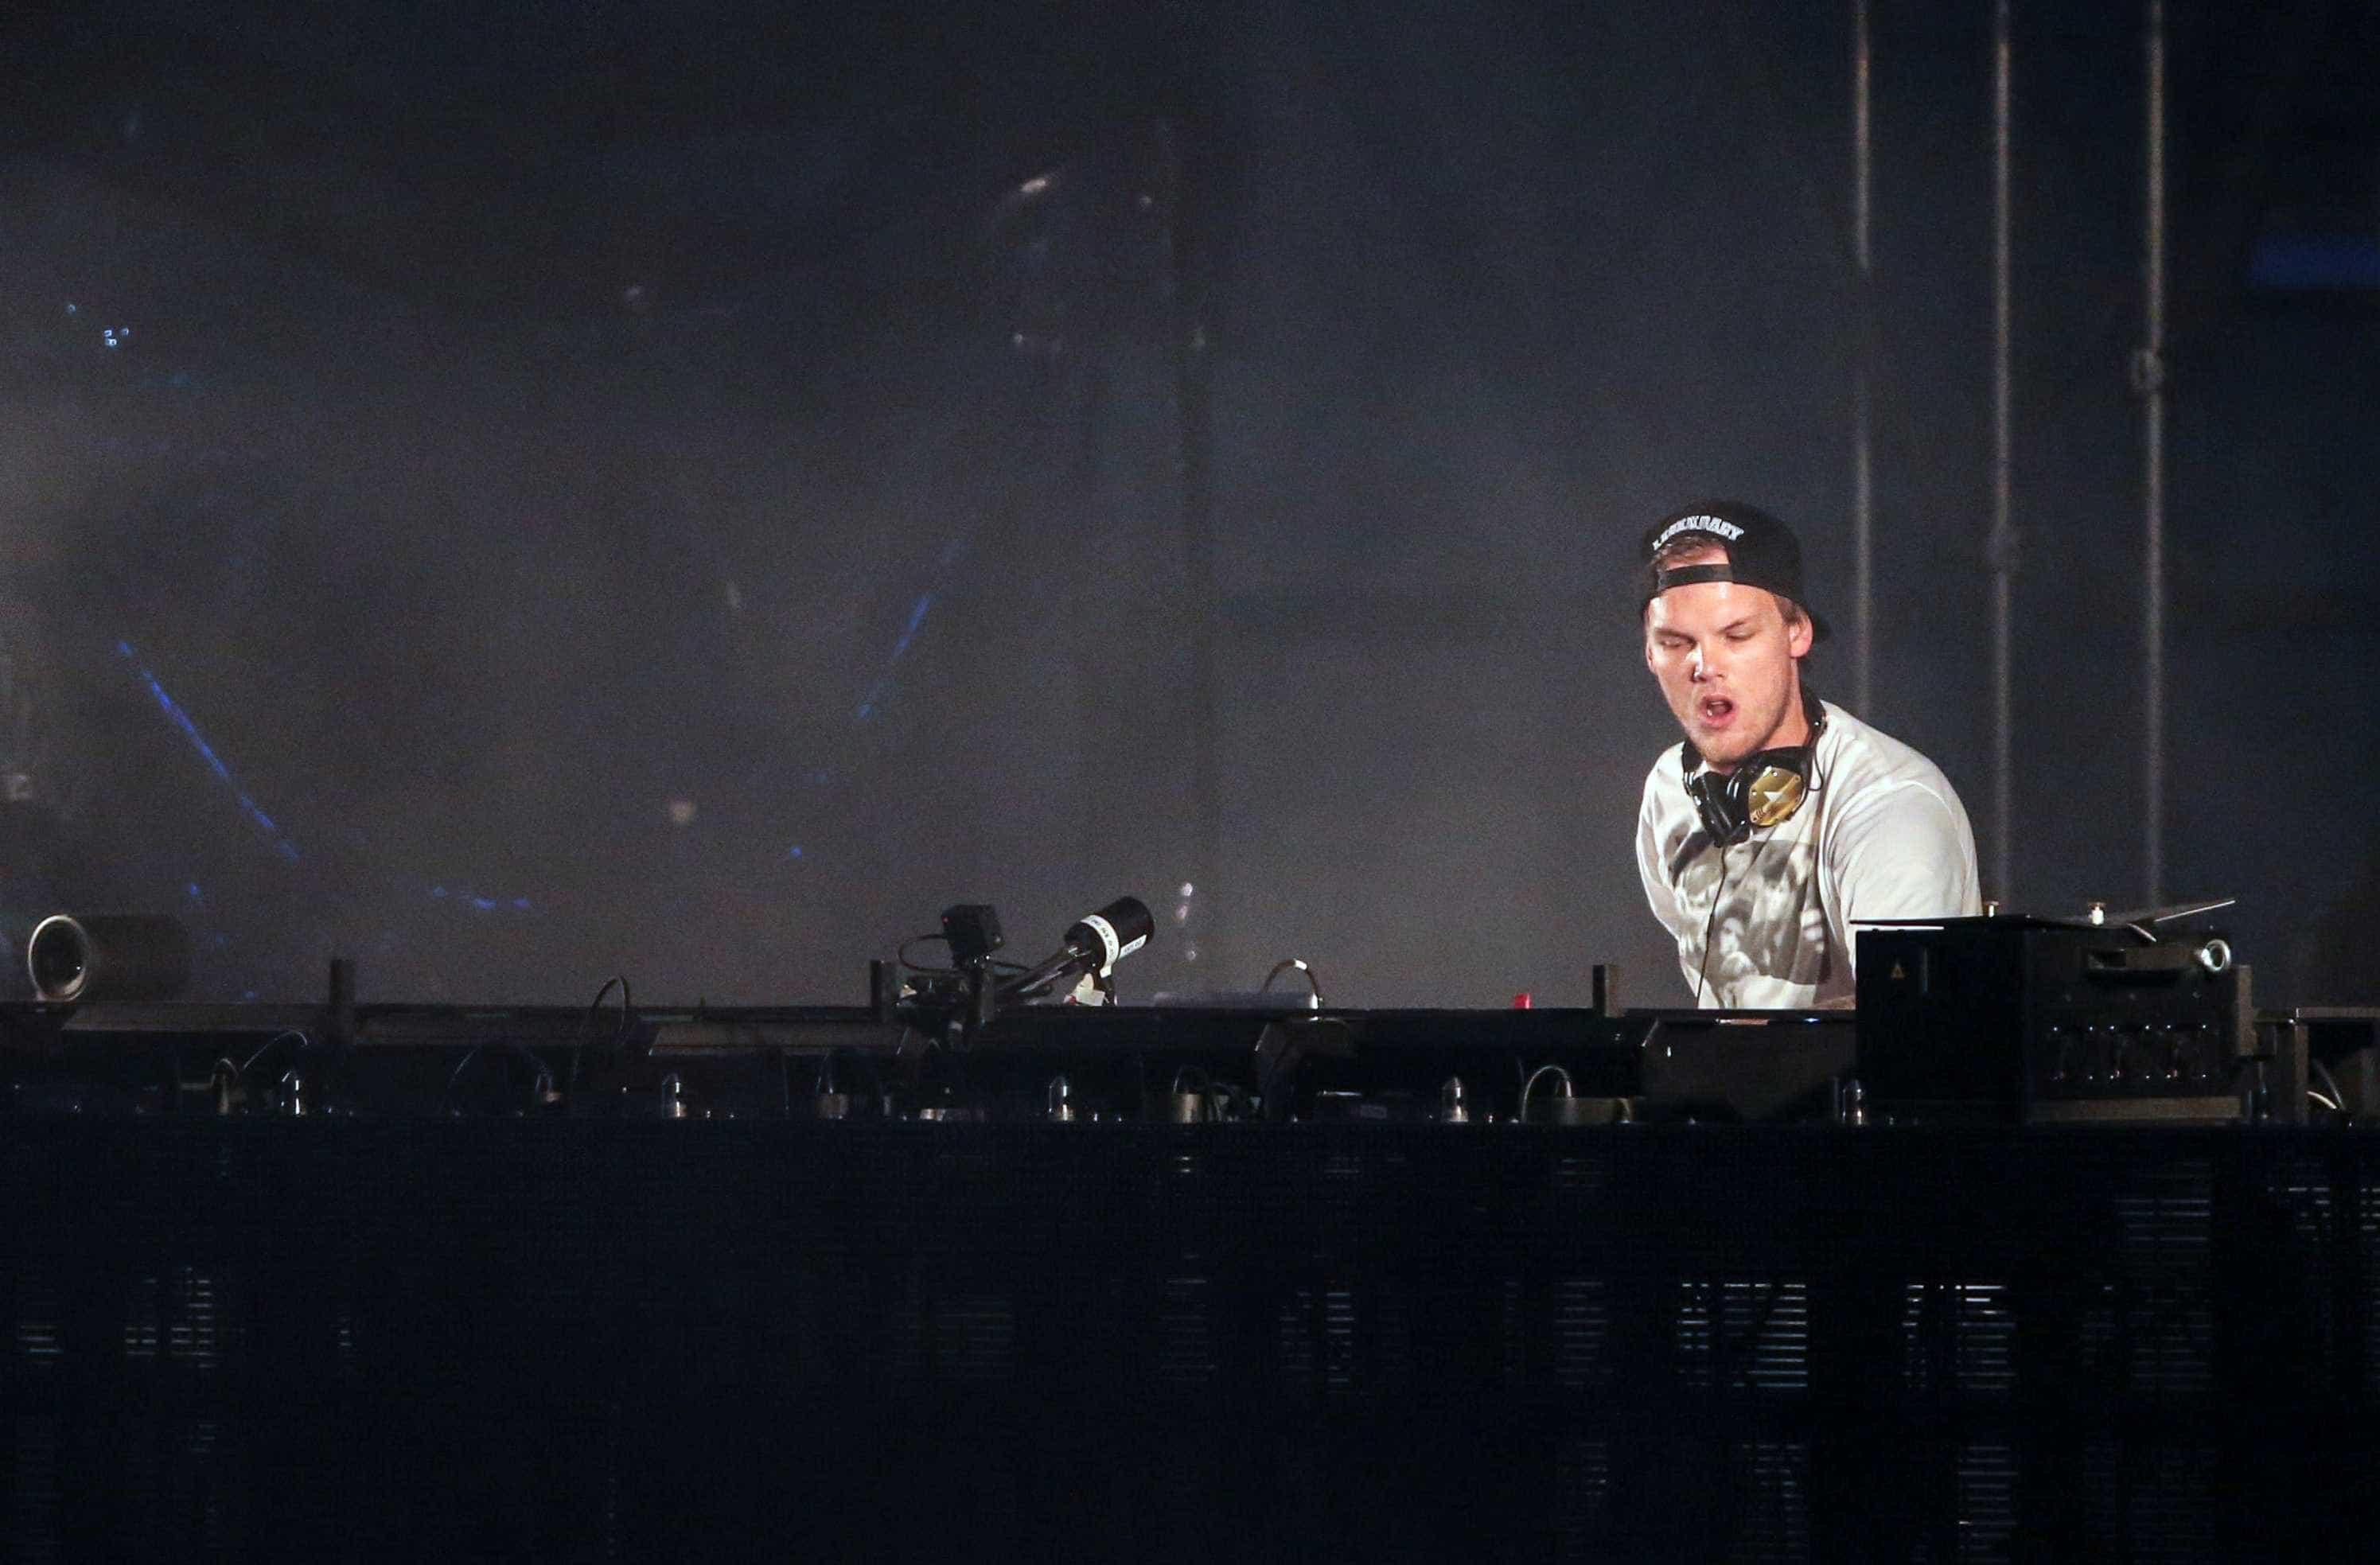 O que se sabe sobre a morte do DJ Avicii?